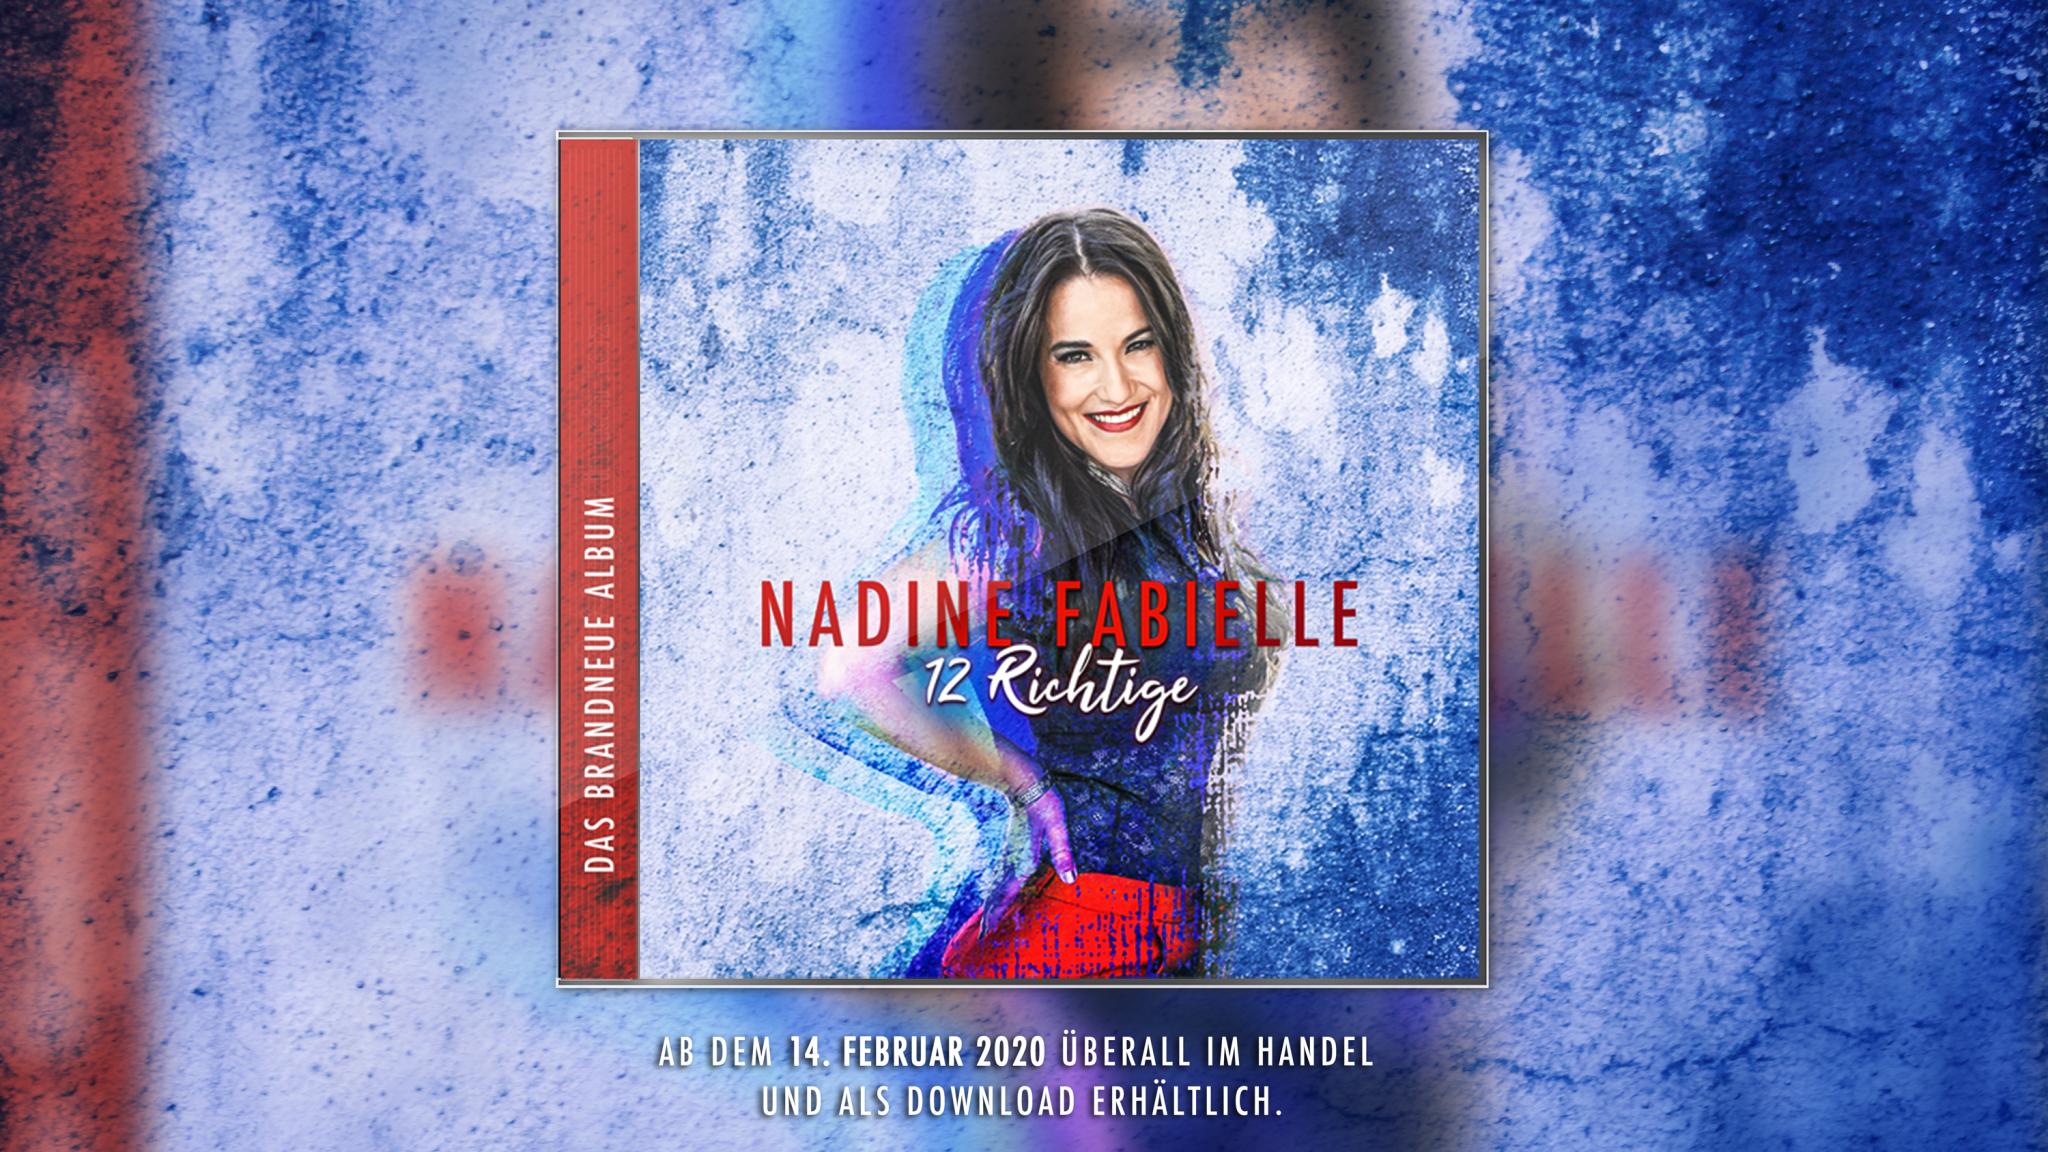 12 Richtige für Nadine Fabielle